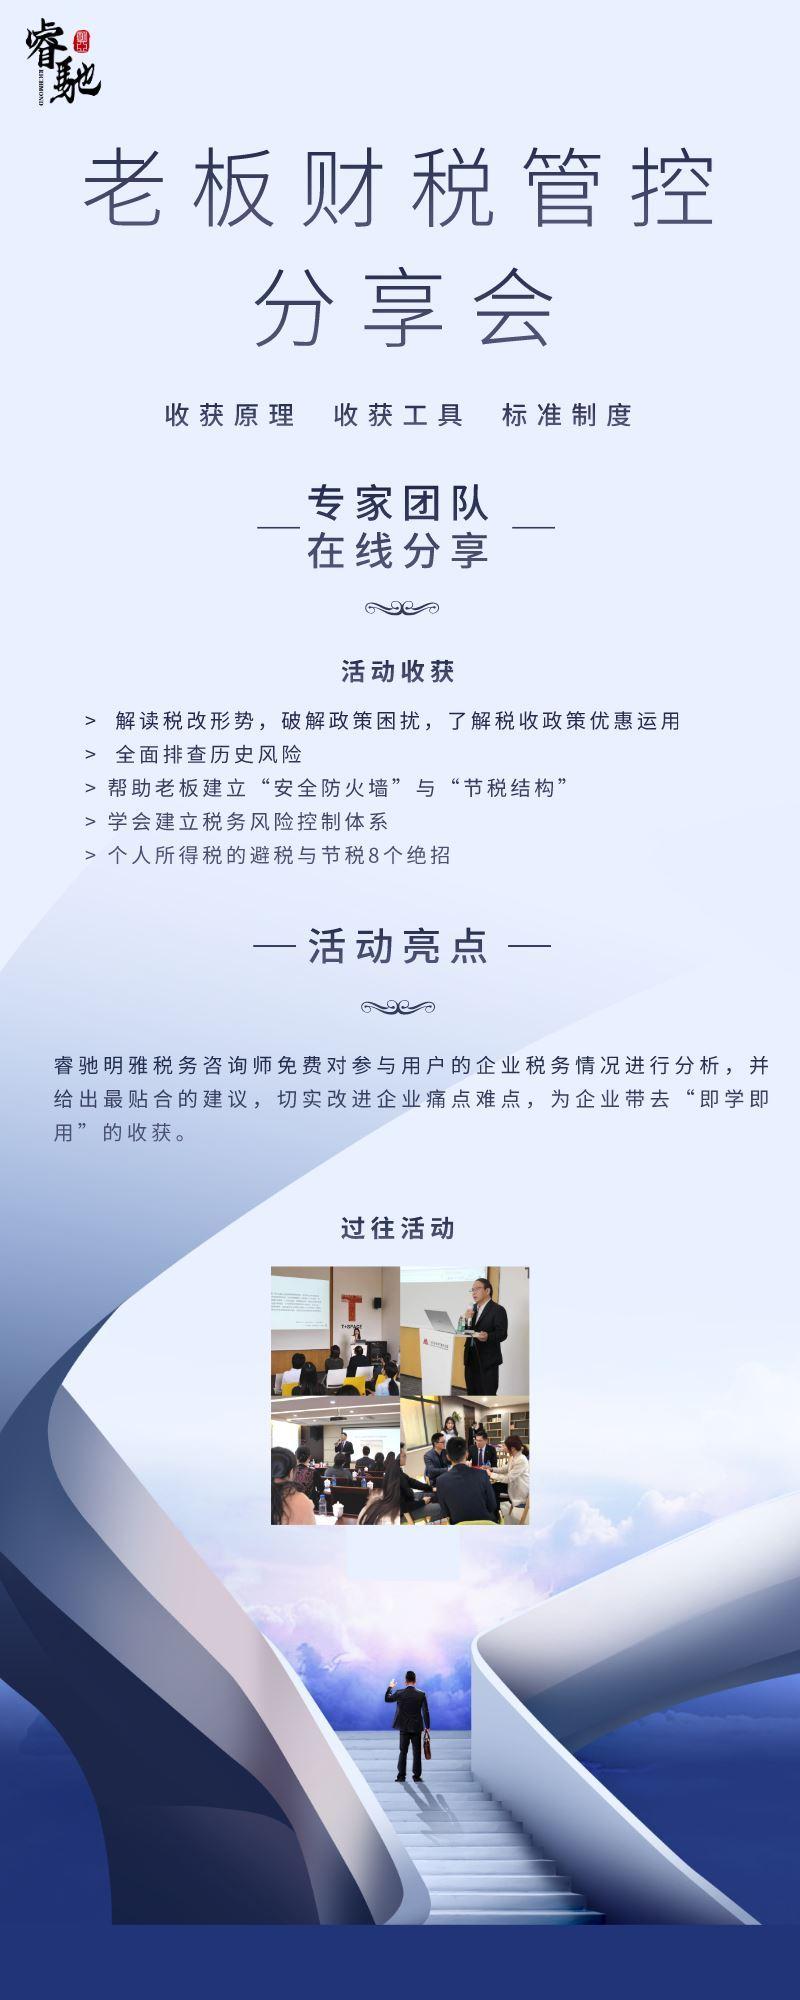 默认标题_长图海报_2021-02-25-0.jpeg